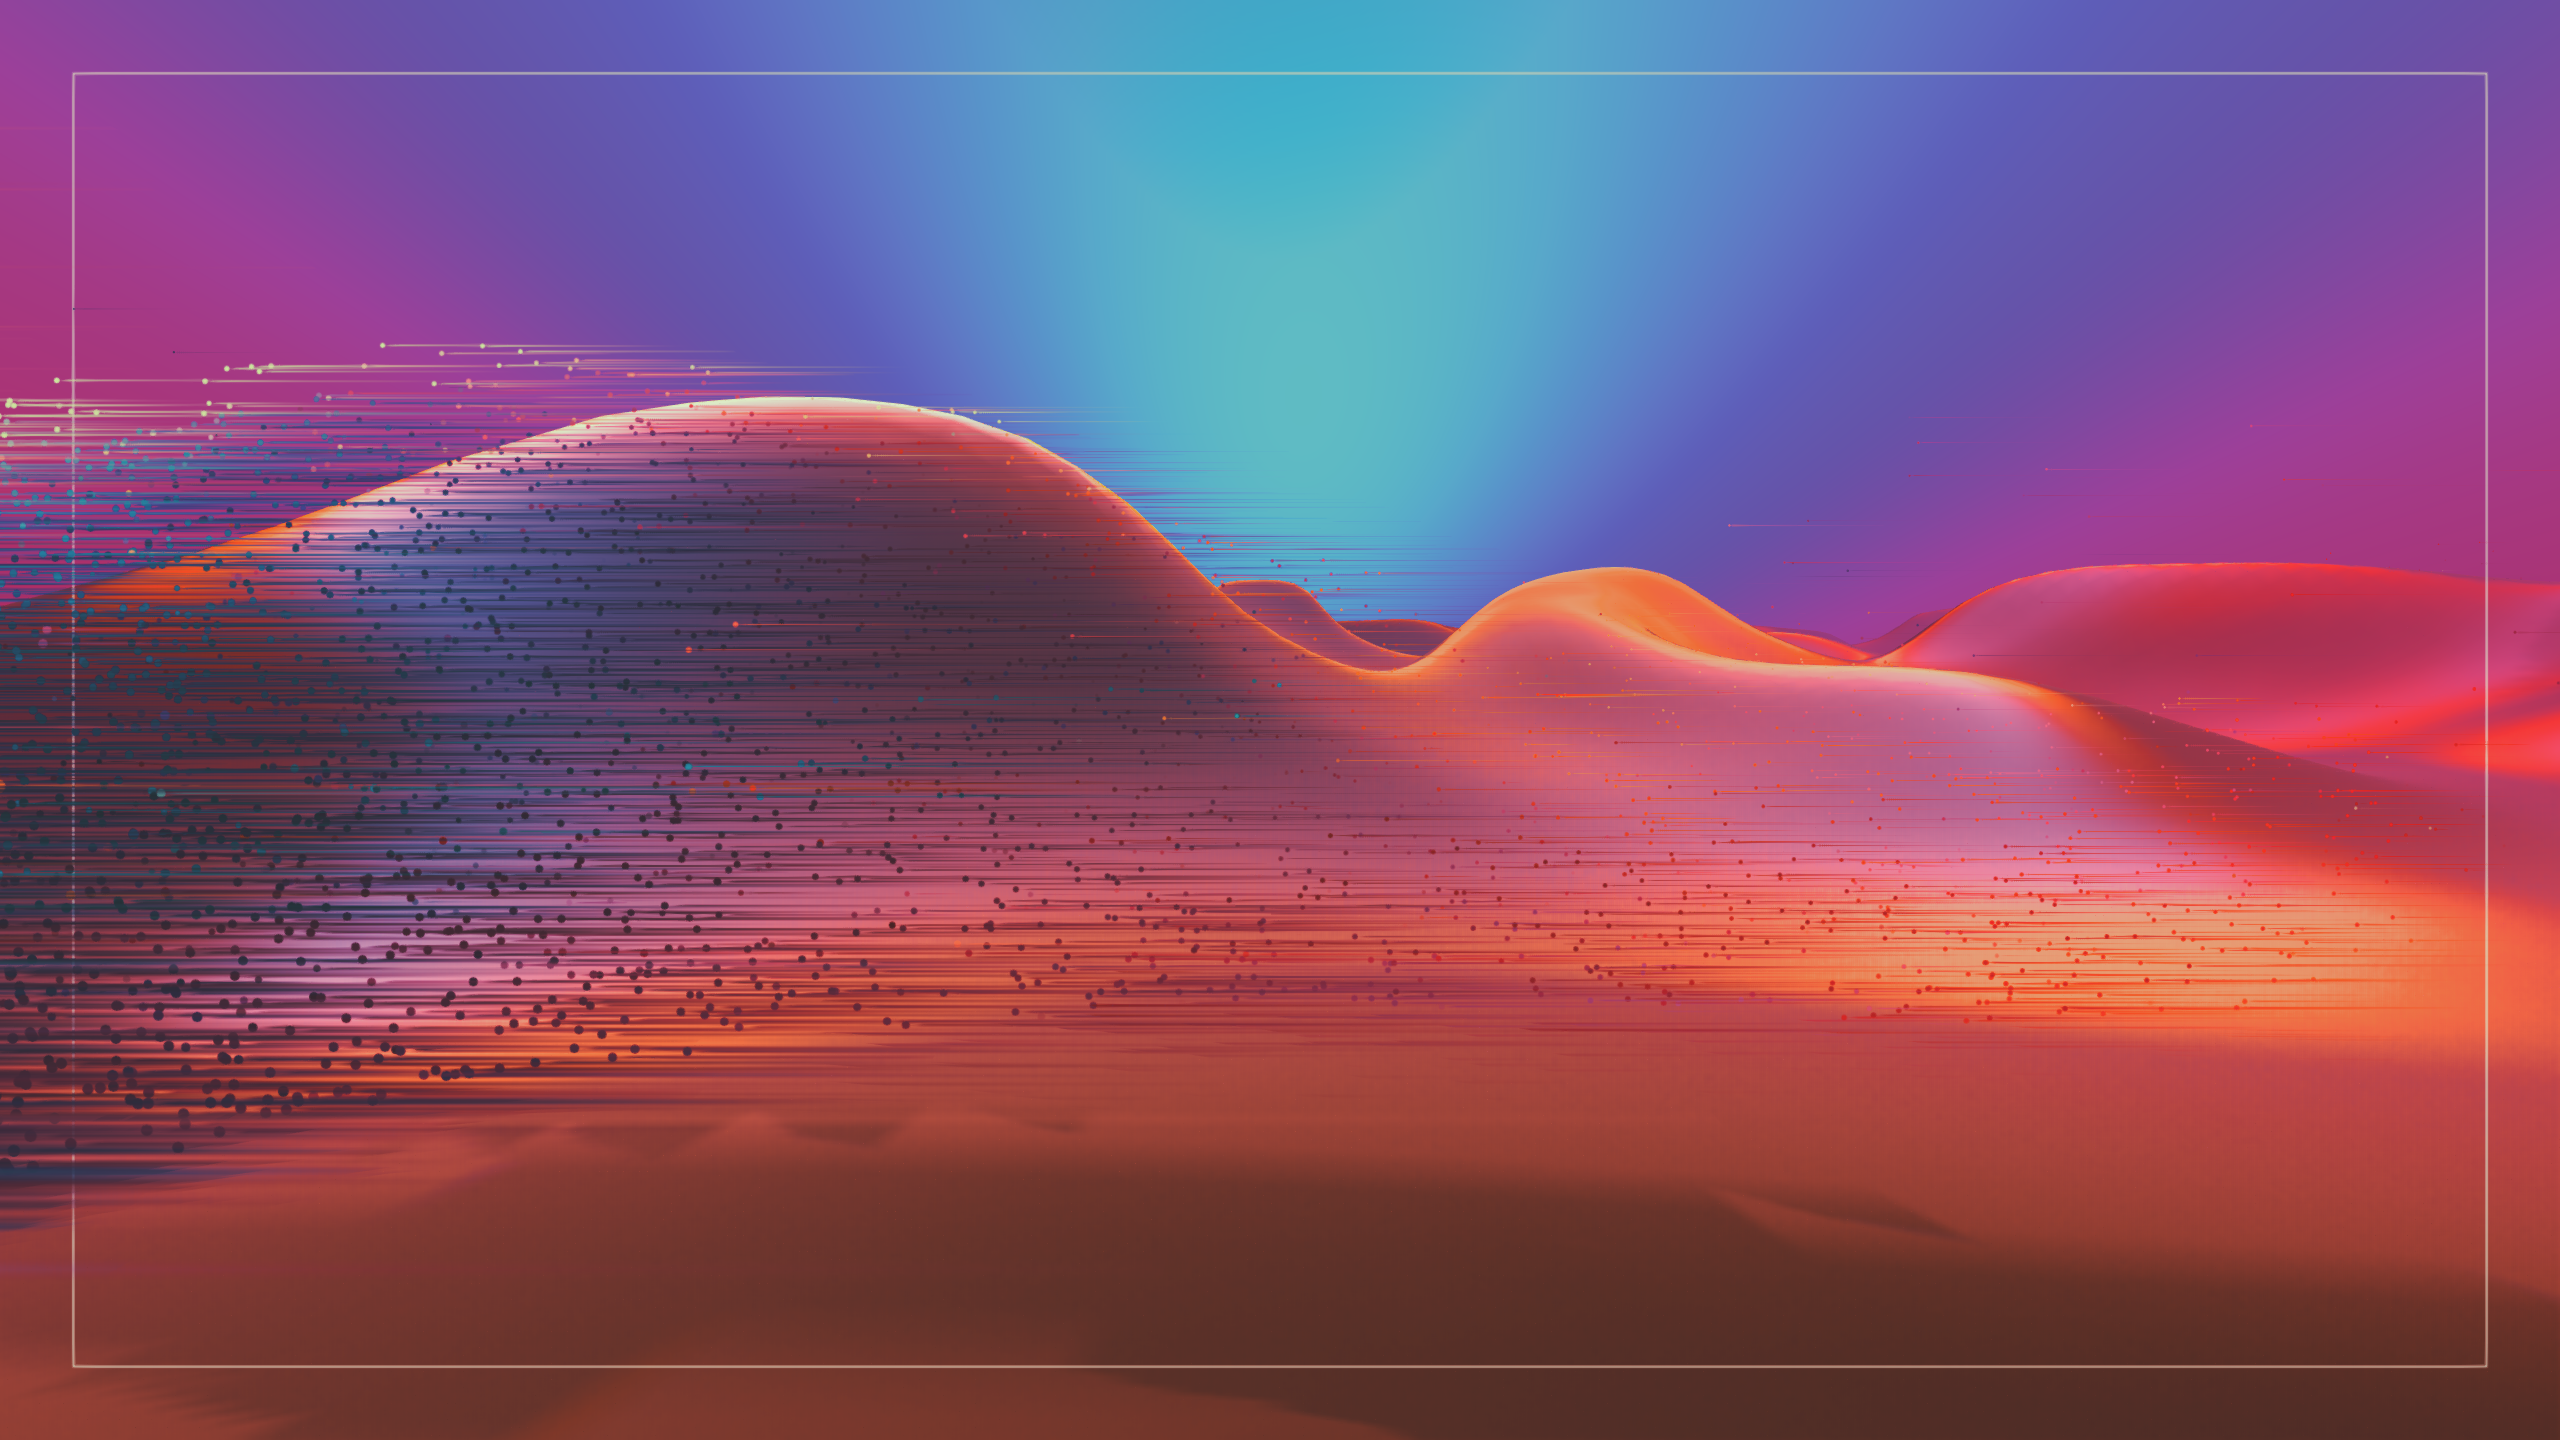 Datascape - Alex Le Guillou, live , real time motion graphics